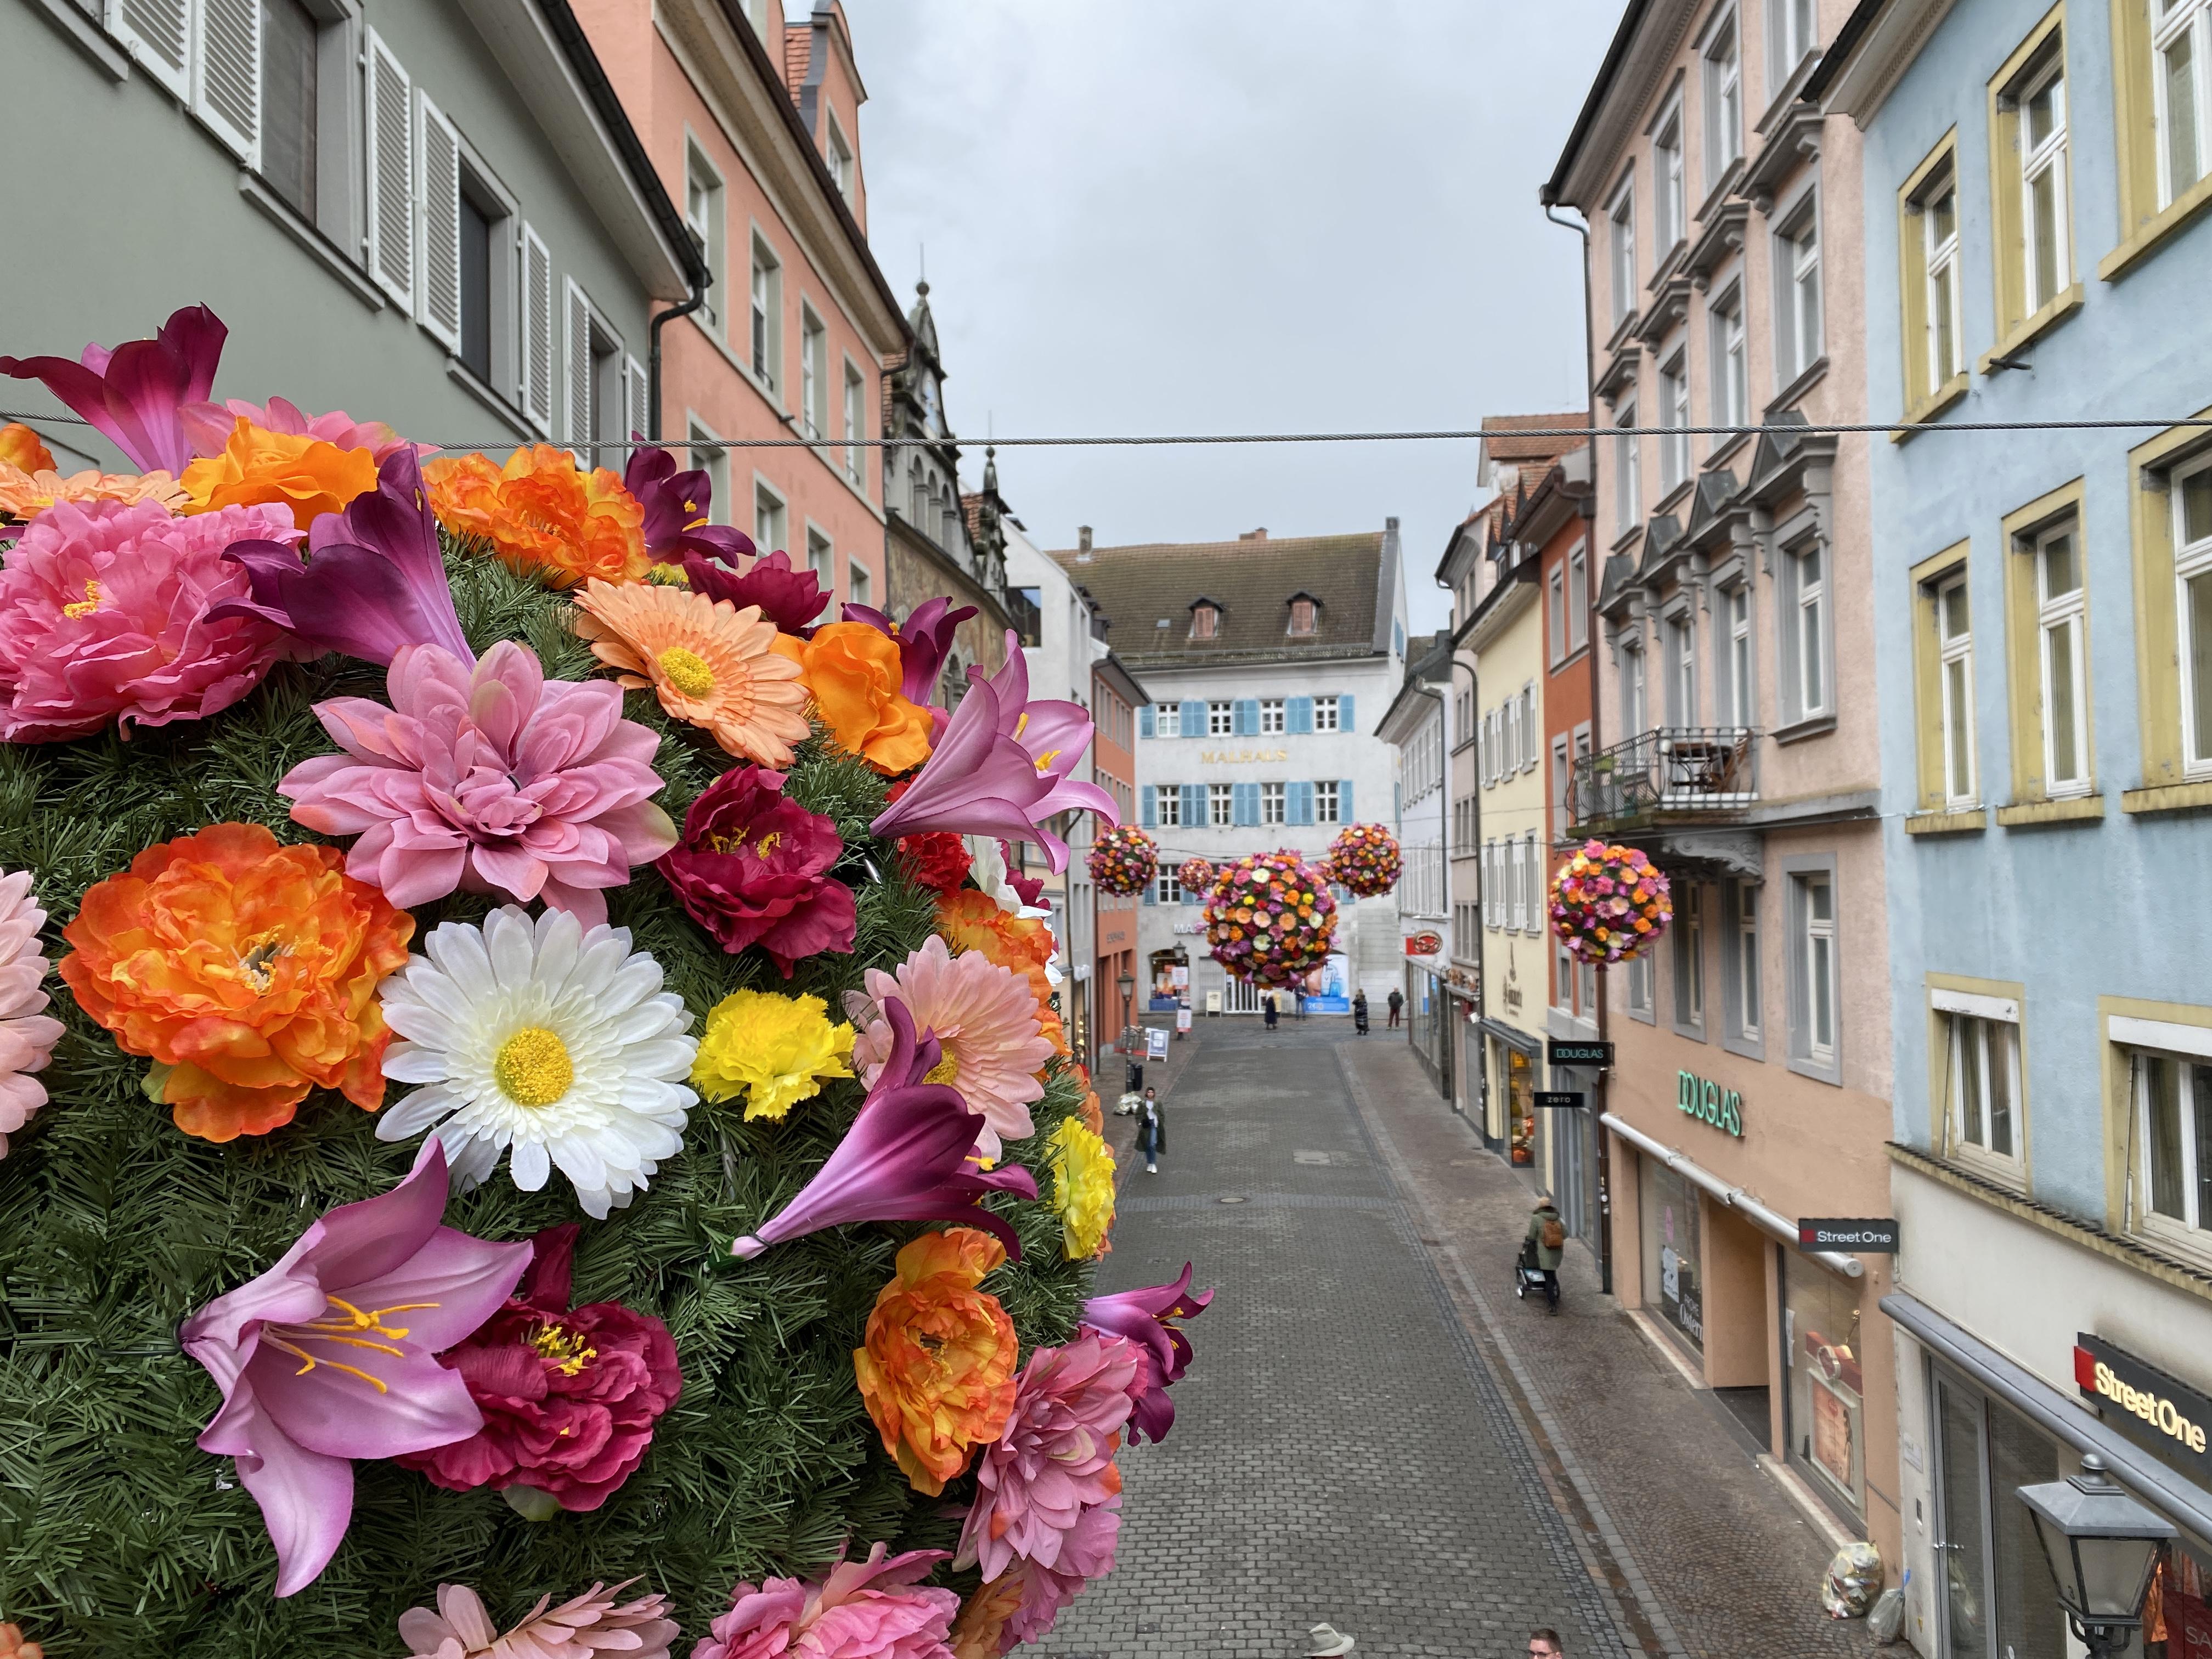 PM BlumenBälle in der Konstanzer Kanzleistraße